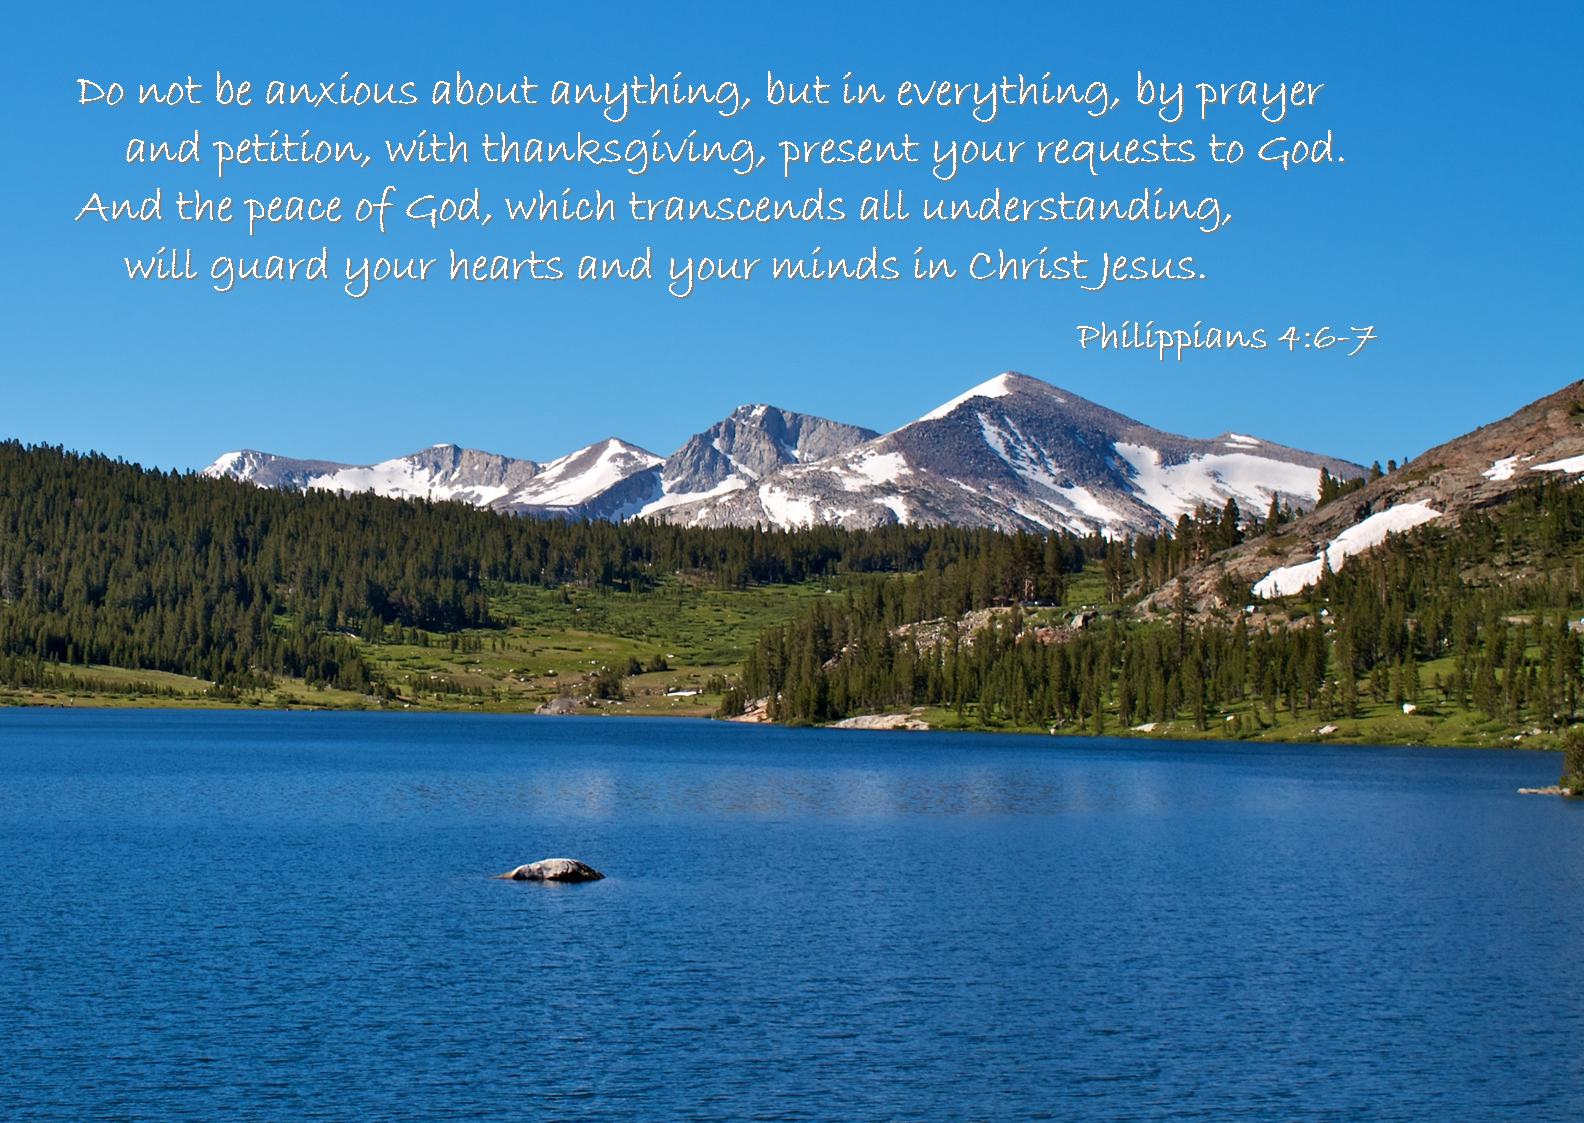 06 June - Mountain (Philippians 4-6-7).png